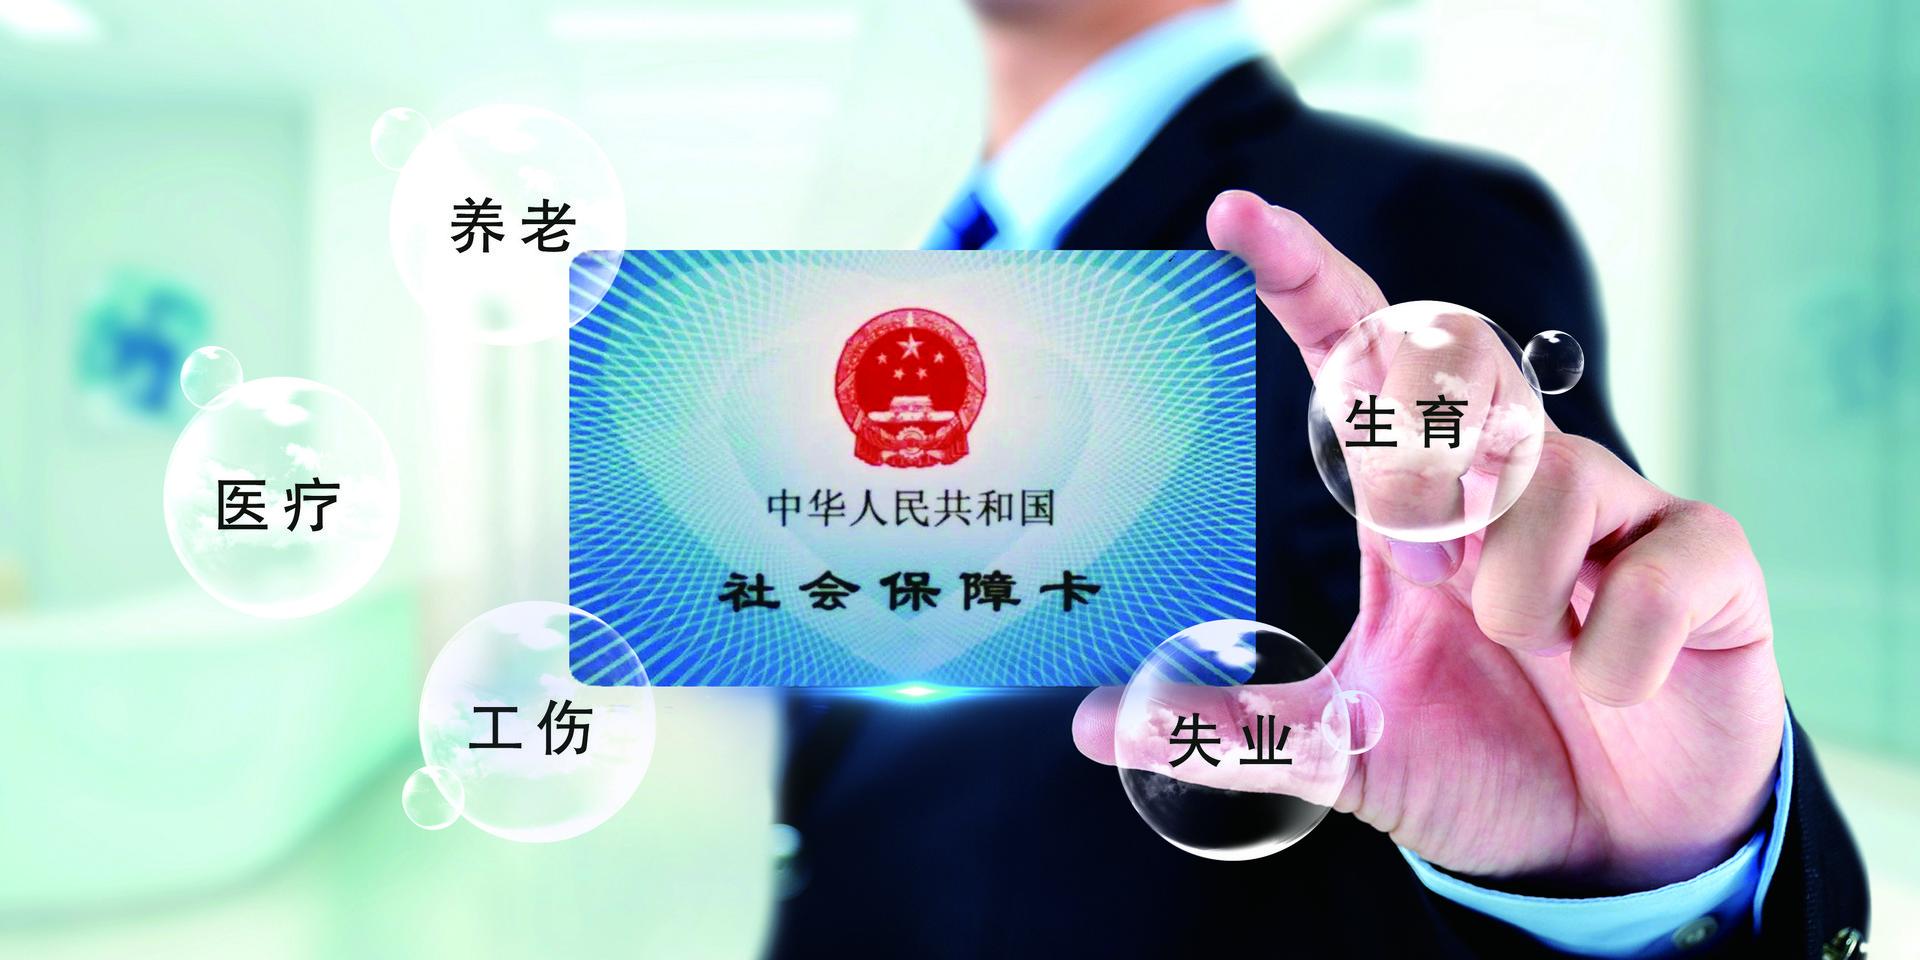 在深圳工作的自由职业设计师 该不该缴纳社保?